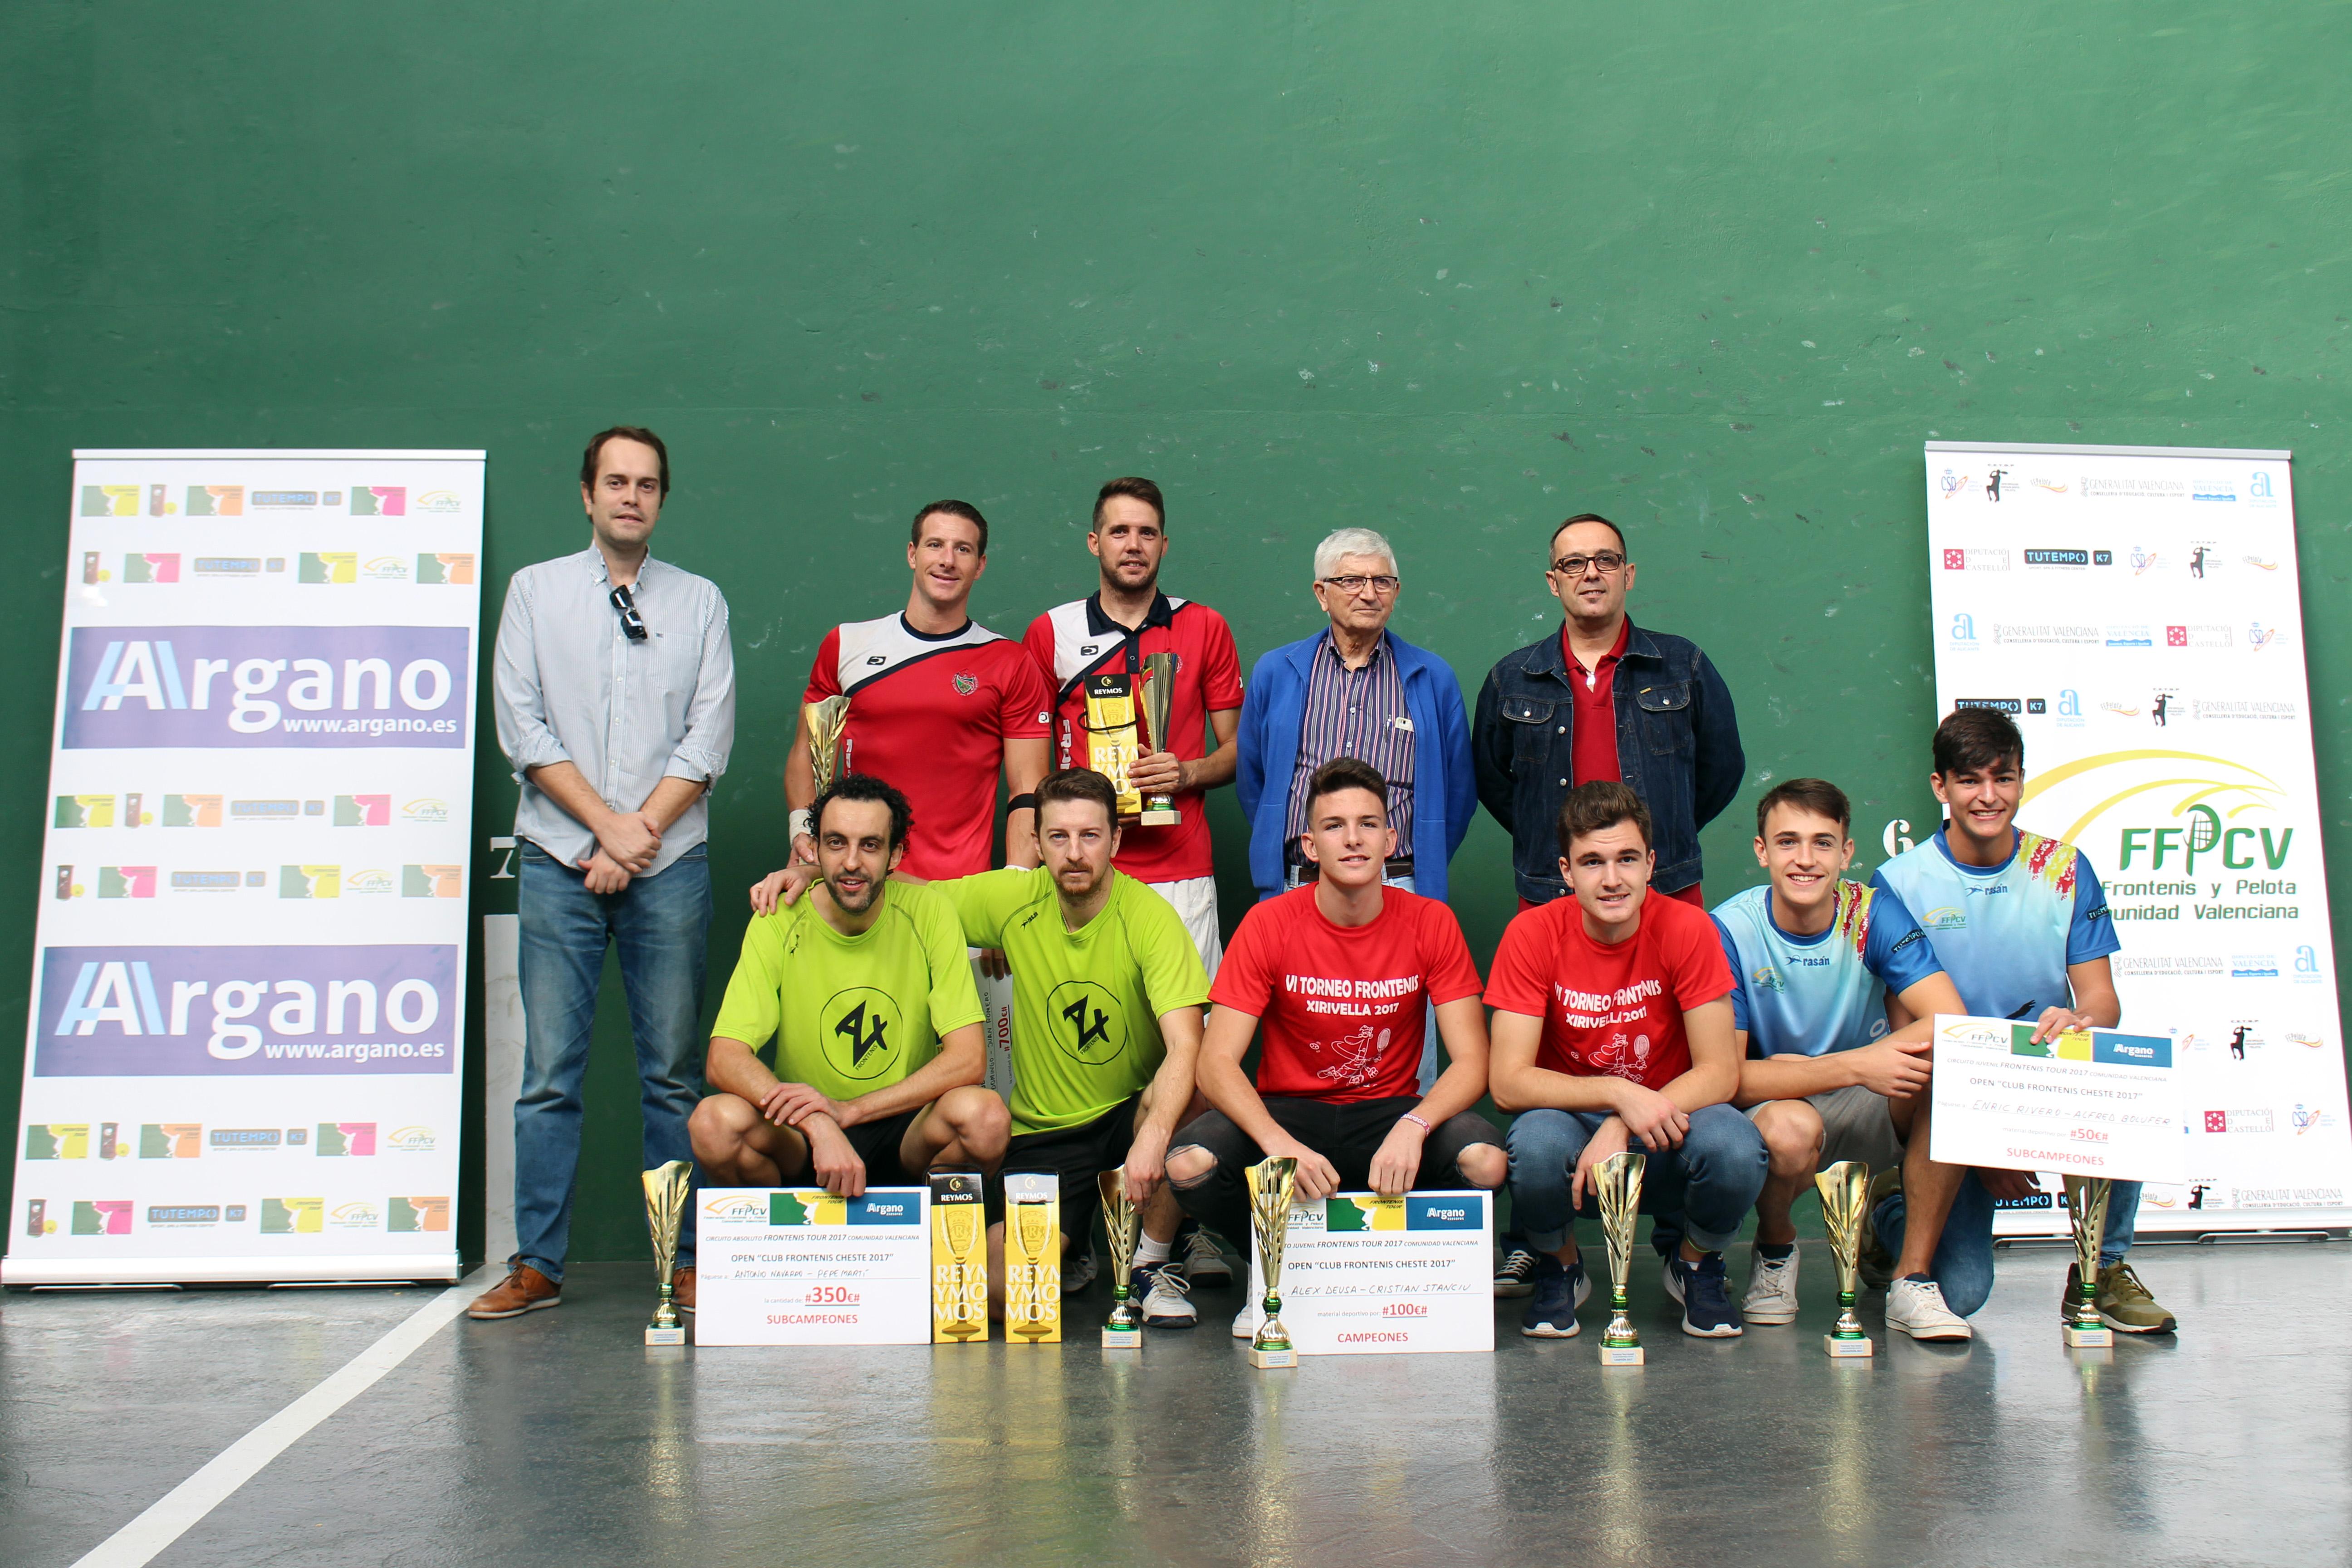 El alcalde de Cheste, José Morell, ha sido el encargado de otorgar los premios a los ganadores de este XVI Open Nacional de Frontenis.